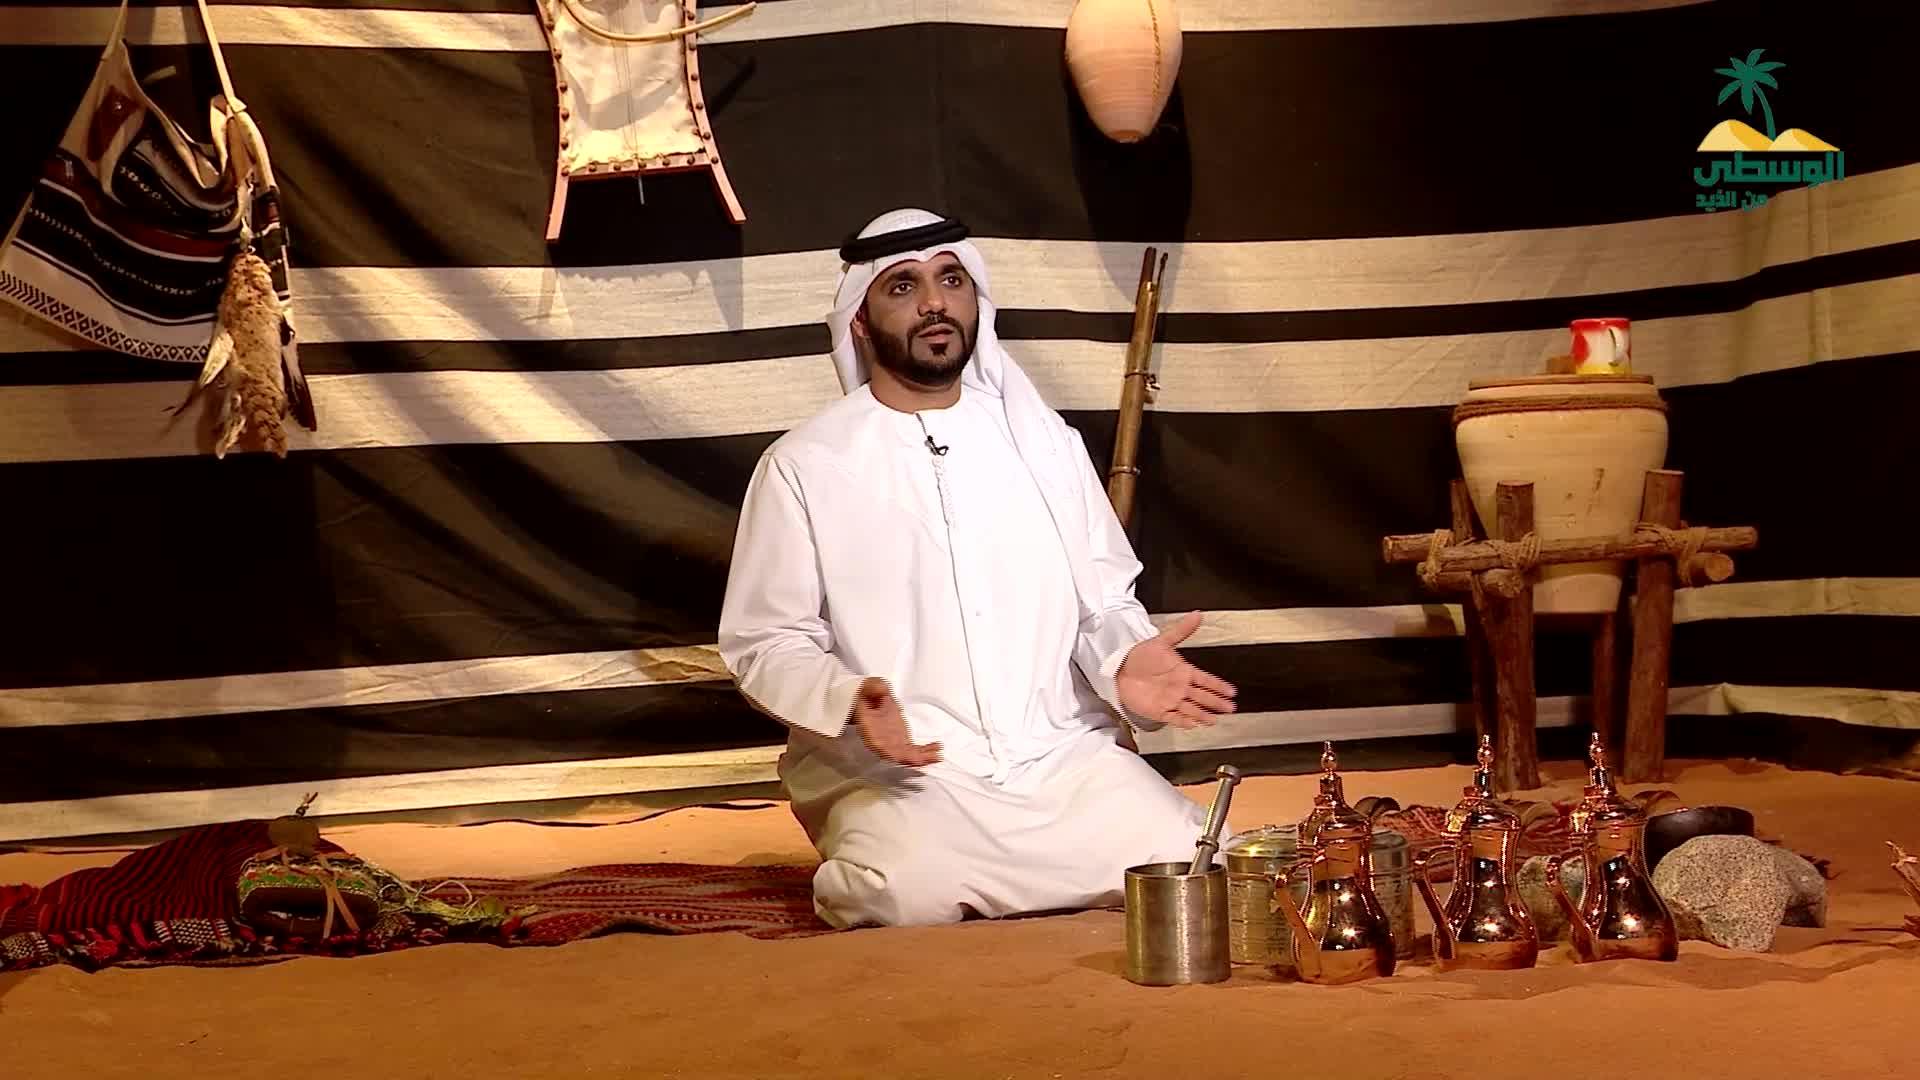 سيرة شاعر - الحلقة السادسة عشر - عبدالله بن ذيبان الشامسي